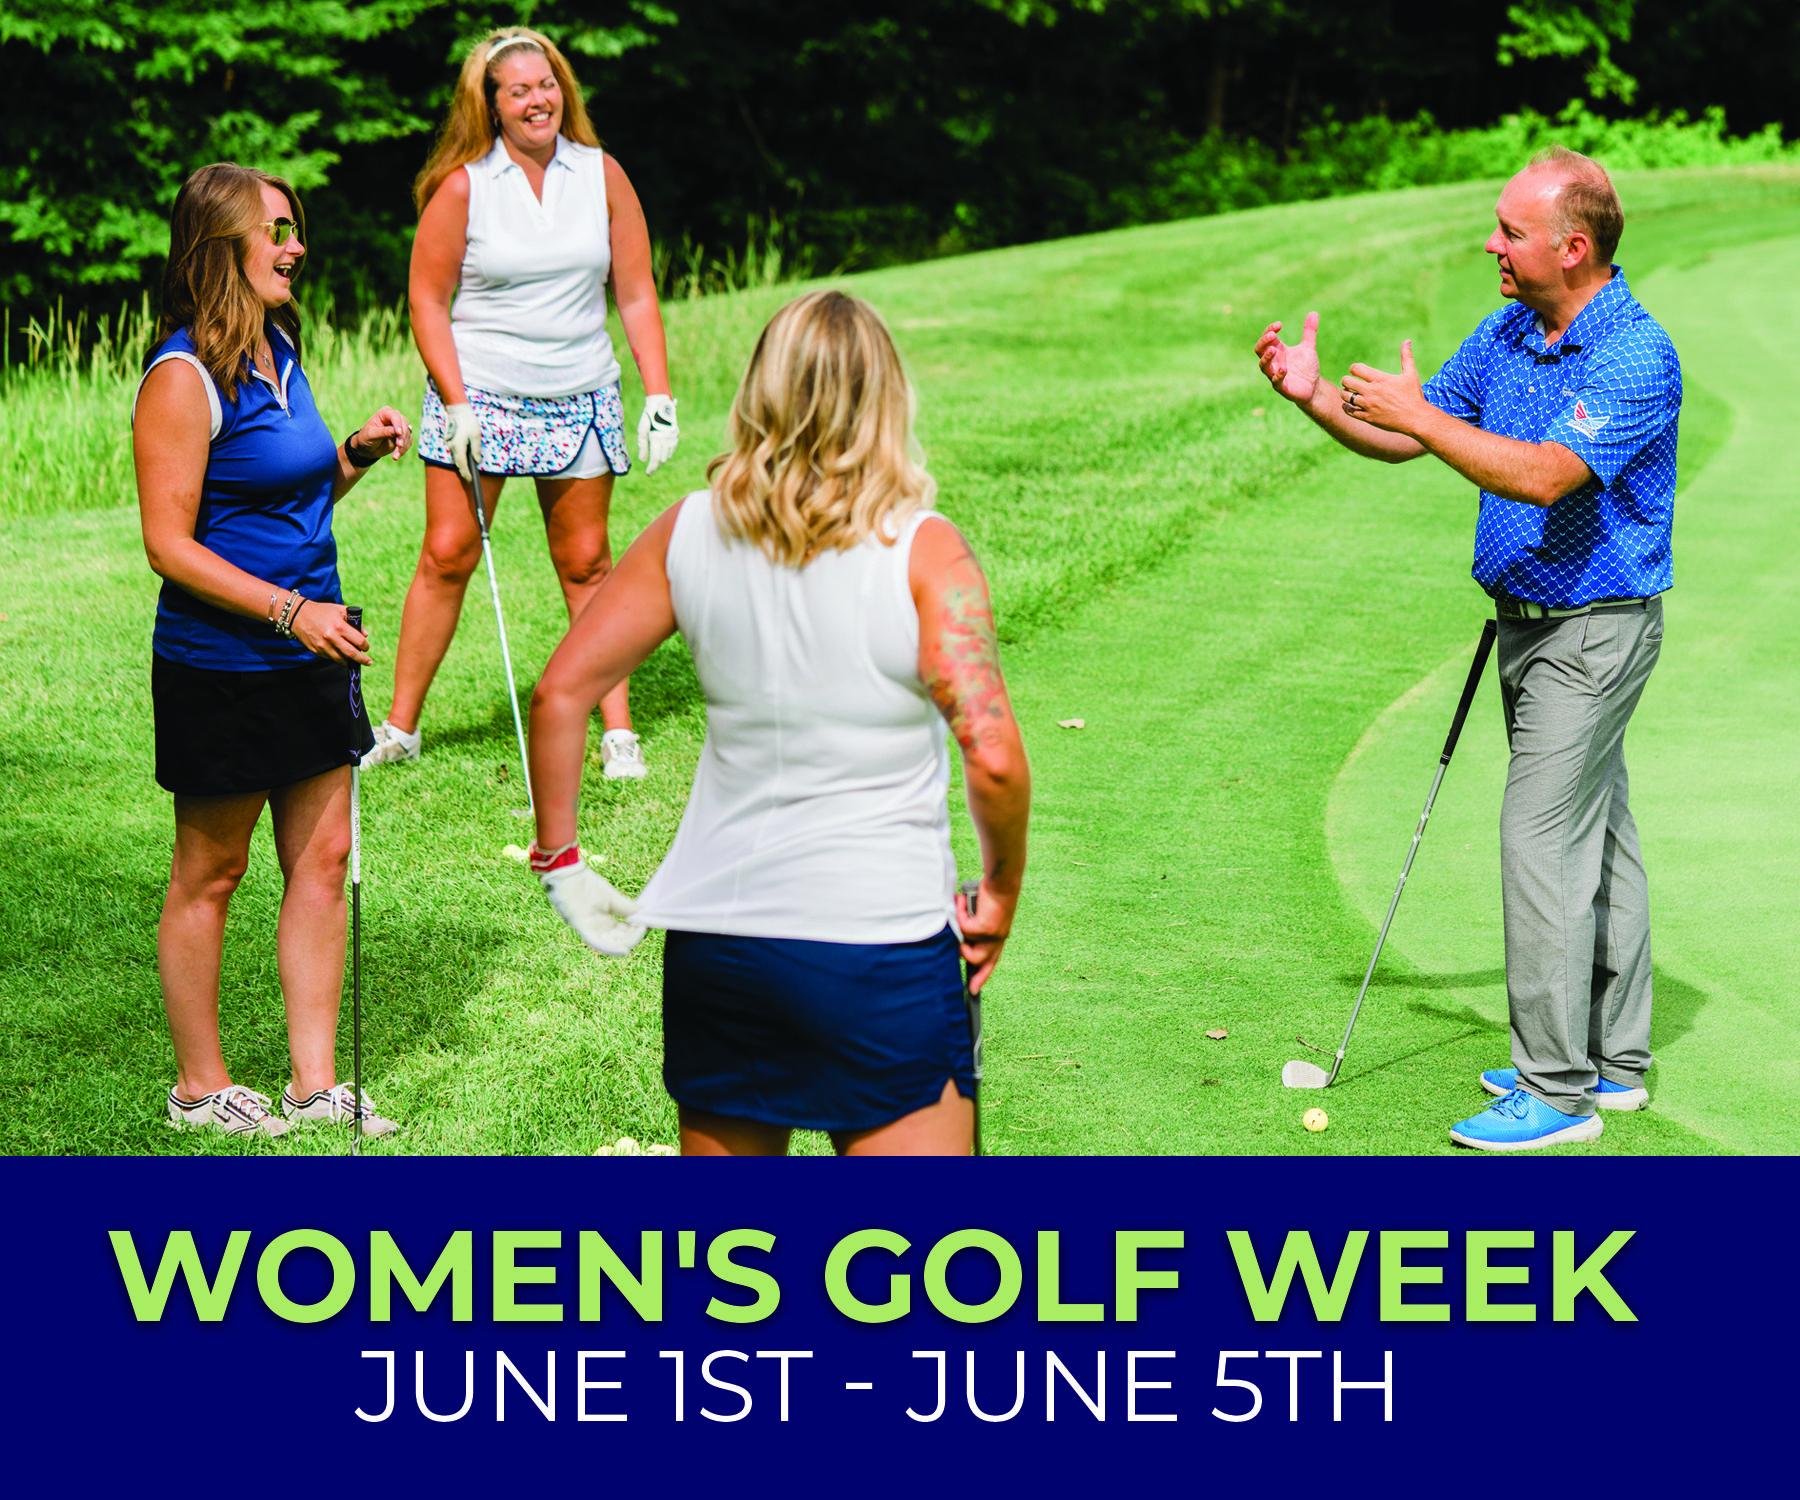 Treetops Women's Golf Week